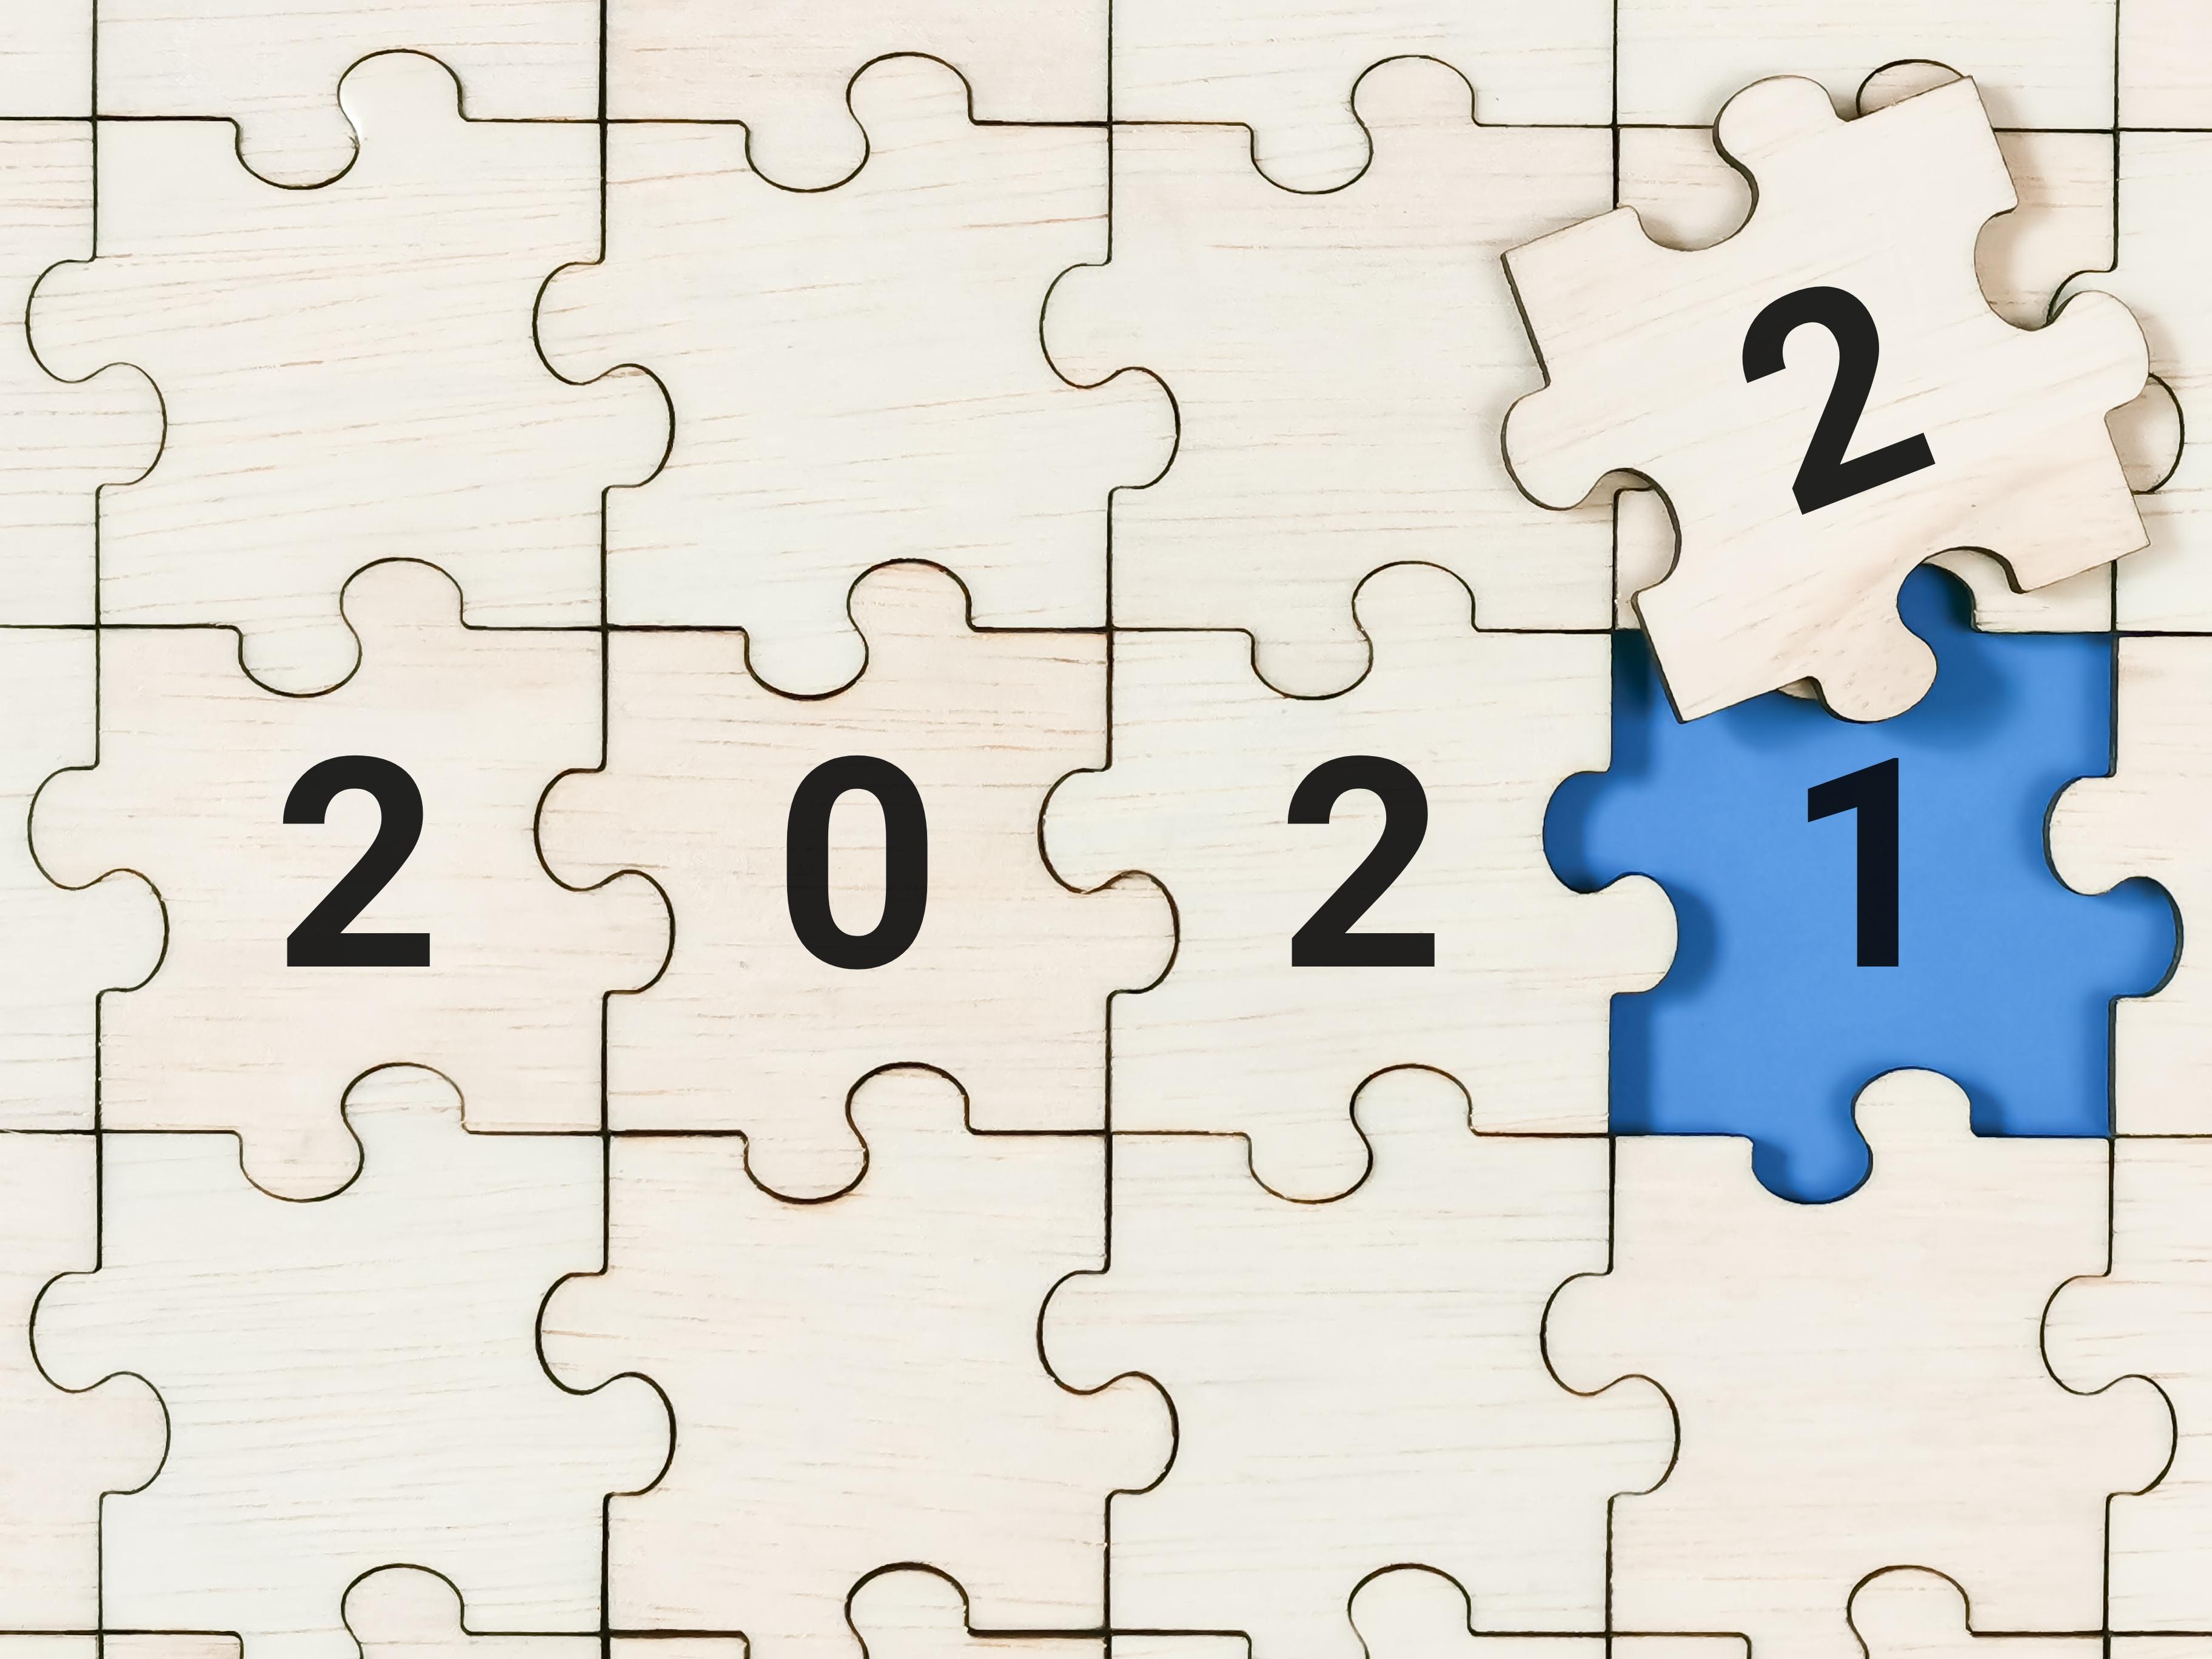 Ulga na powrót w PIT - zmiany od 2022 roku